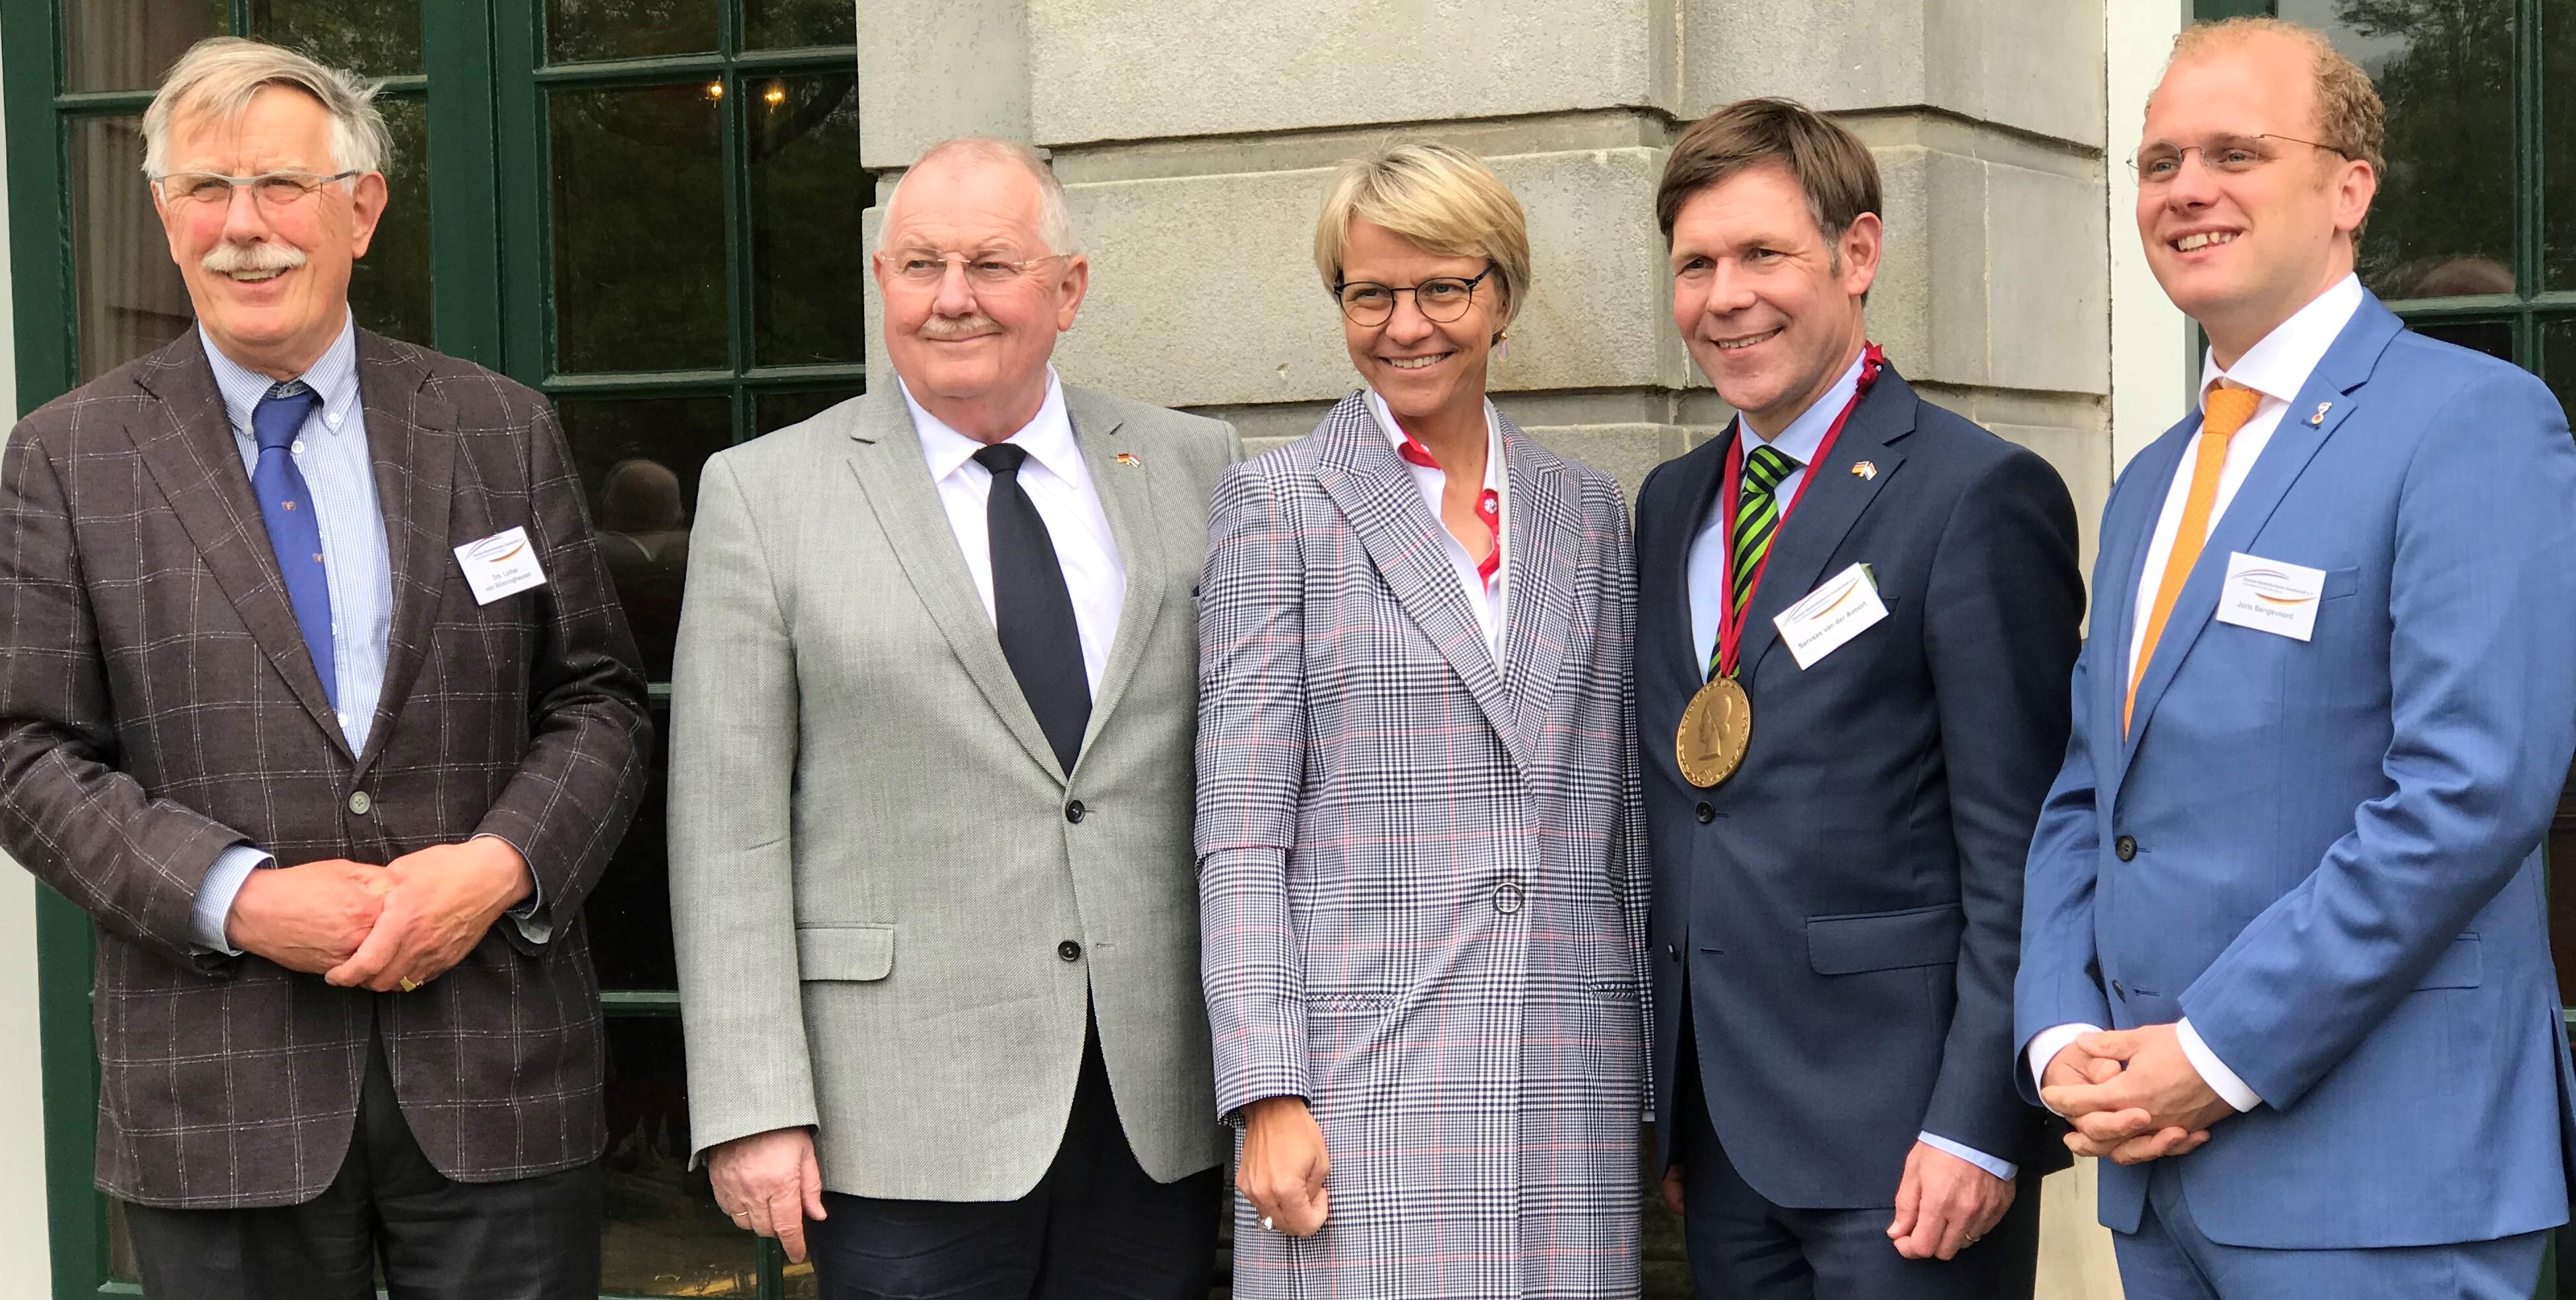 Regierungspräsidentin Dorothee Feller nieuwe voorzitter Deutsch-Niederländische Gesellschaft Münster